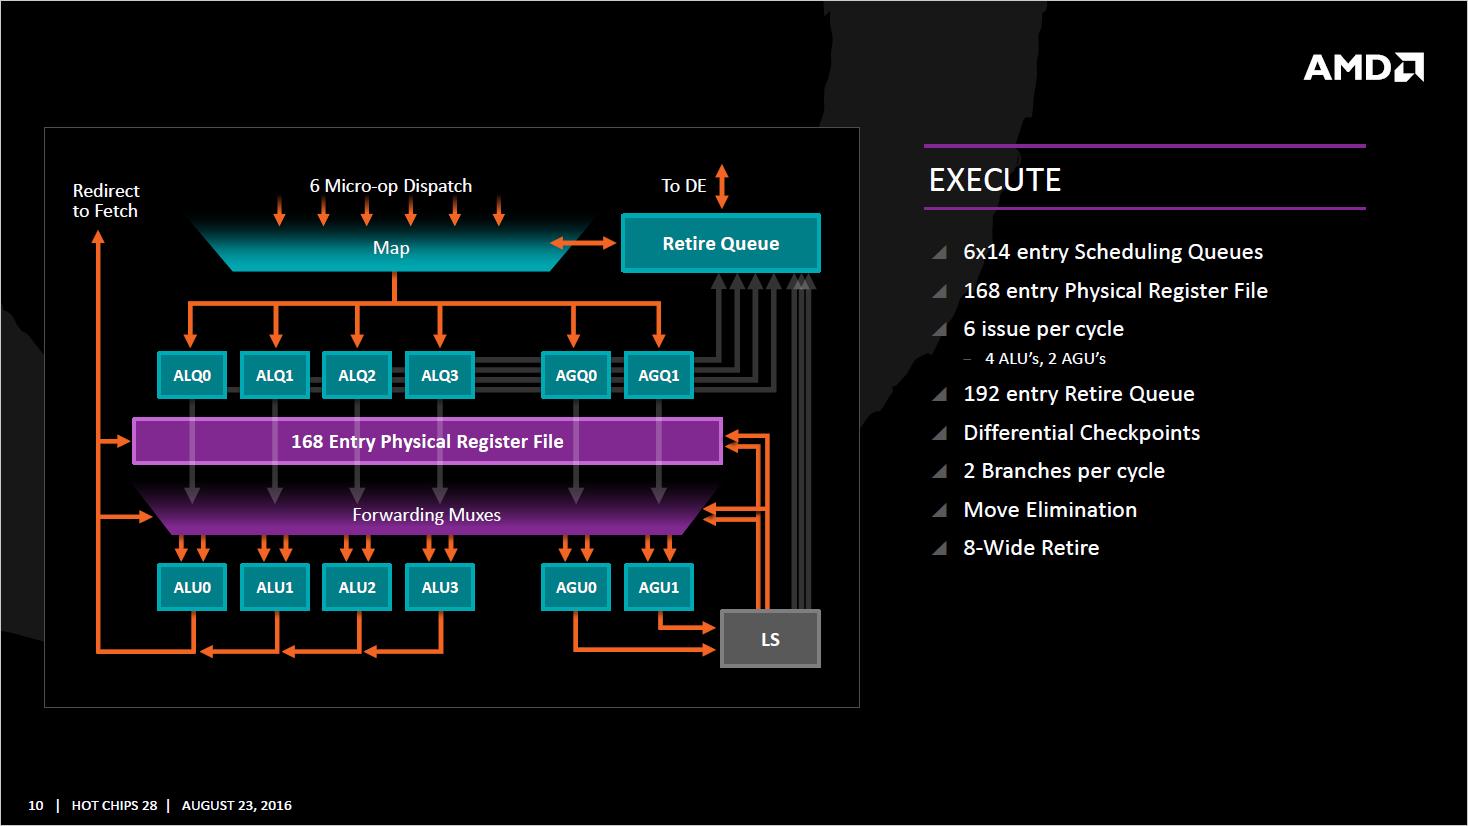 AMD-Zen_Execute